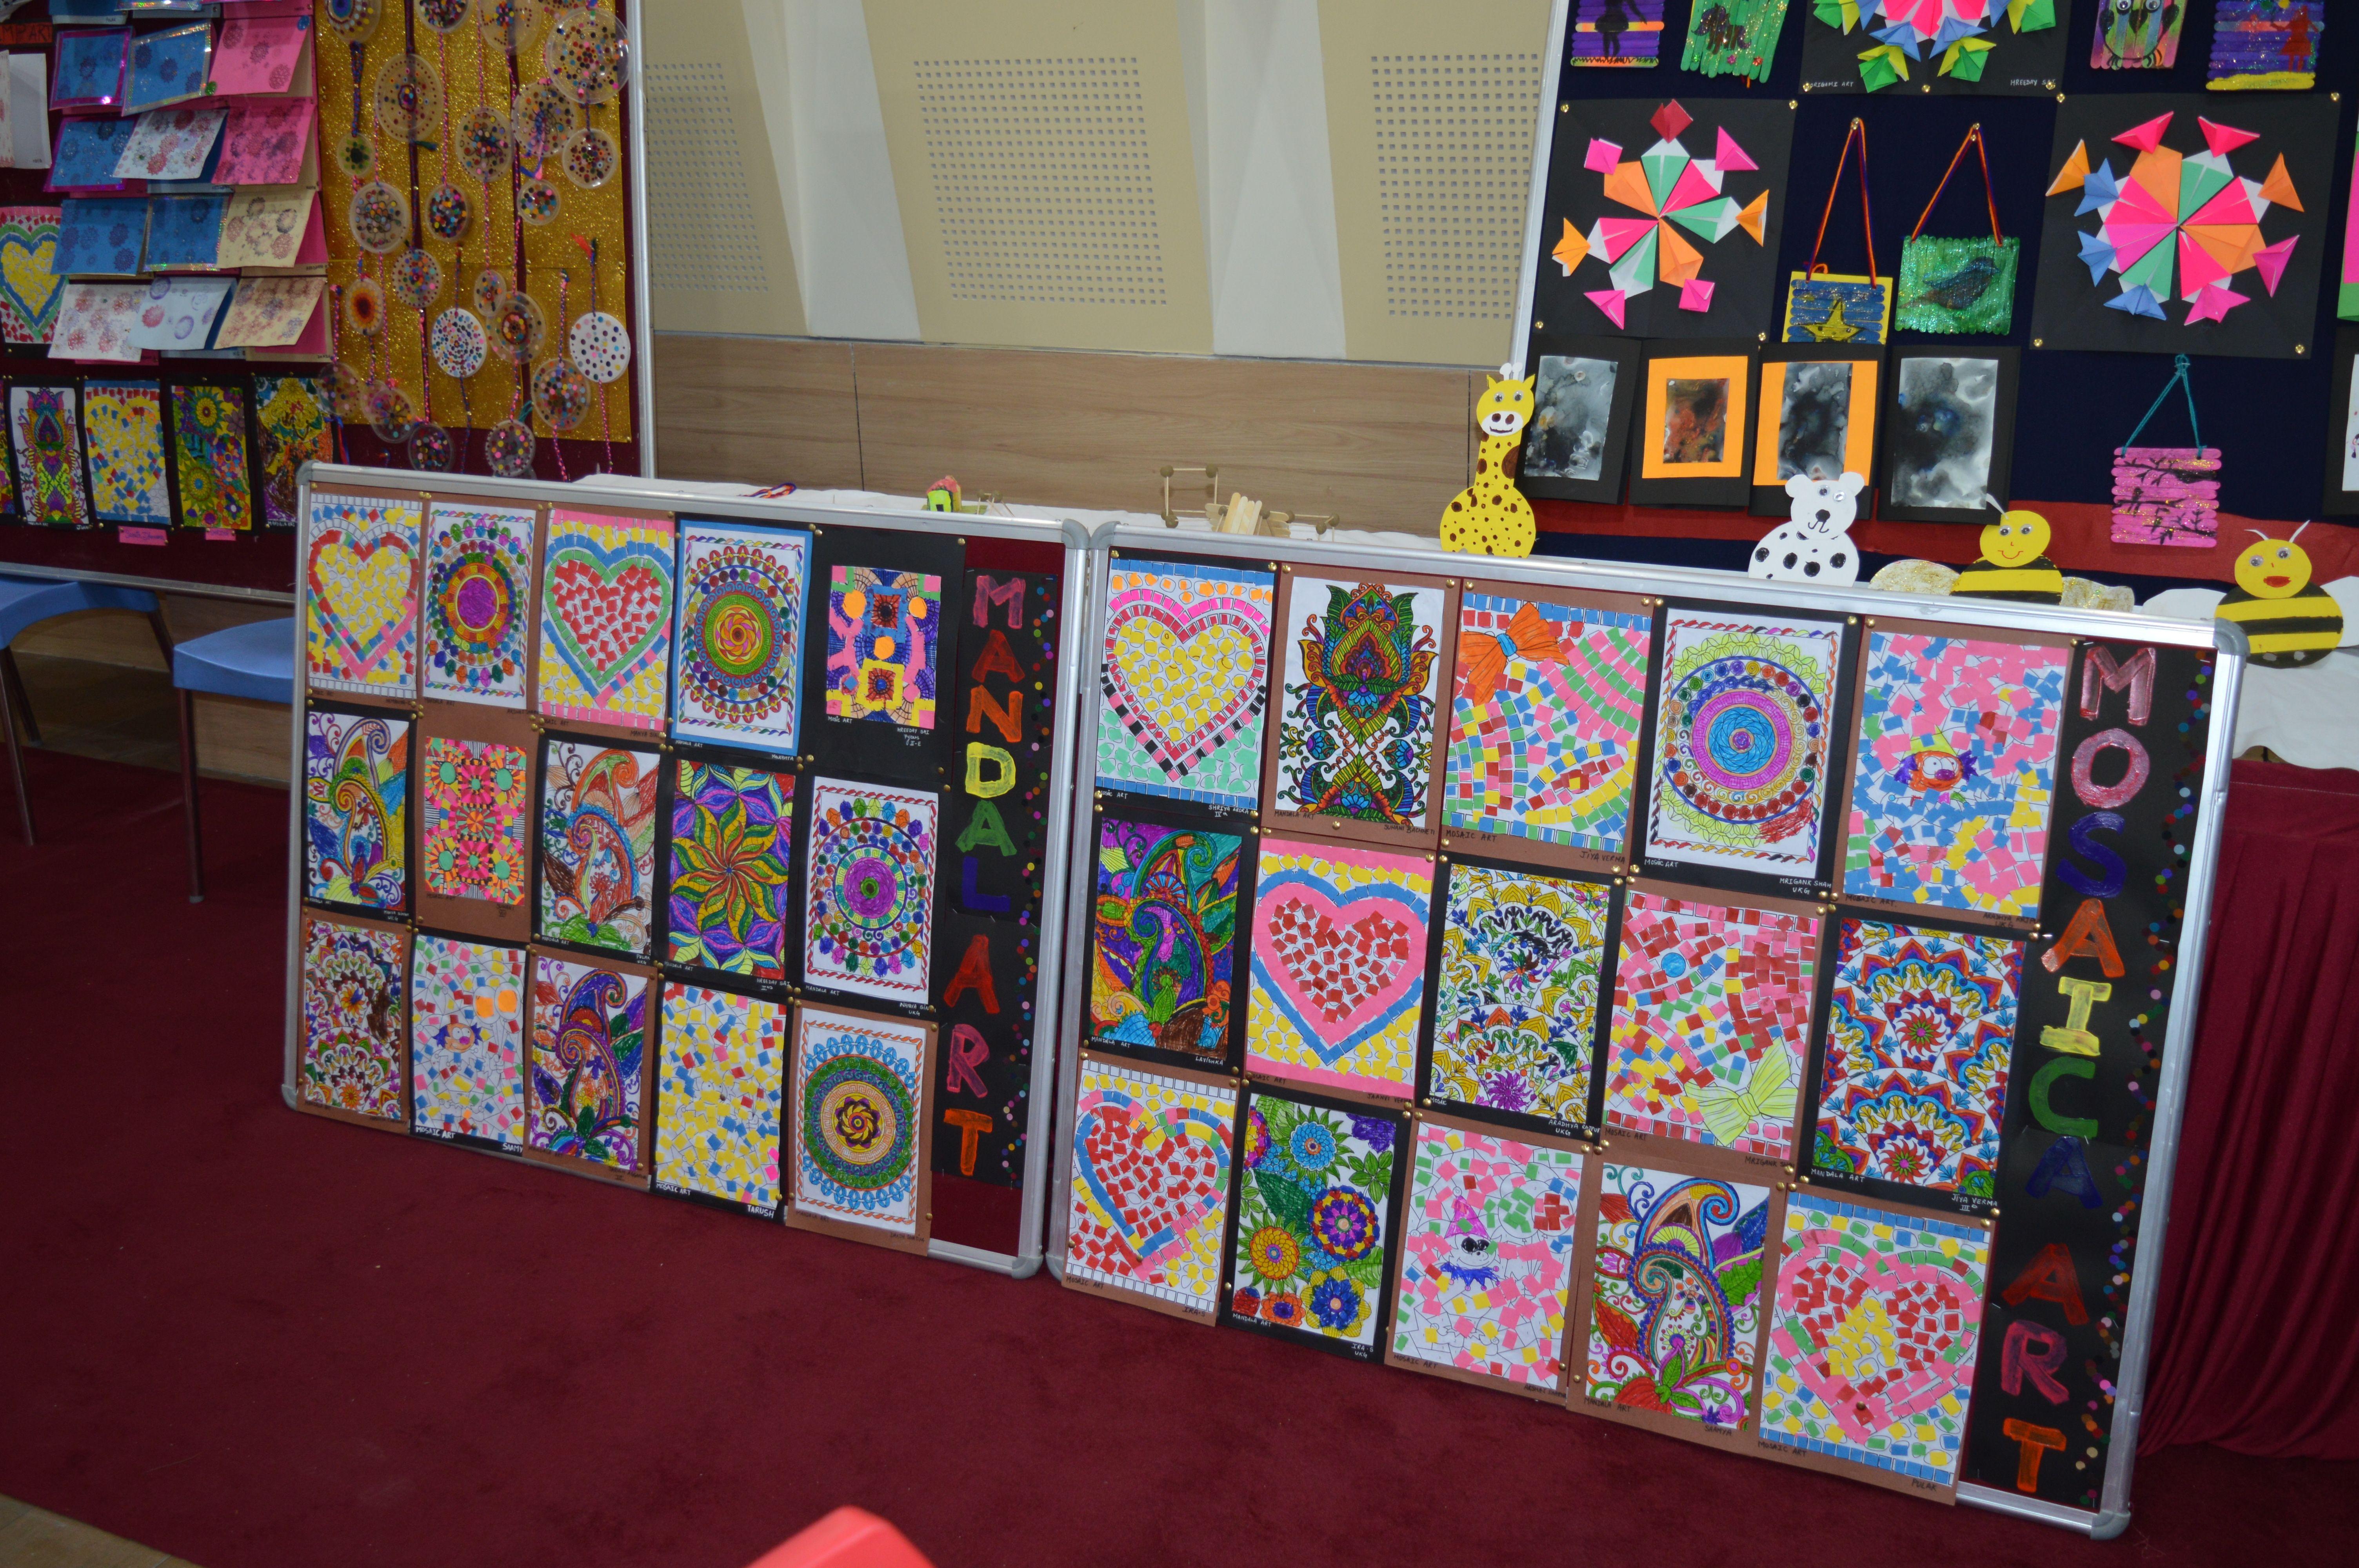 Kps artwork craftsforkids summercamp studentlife